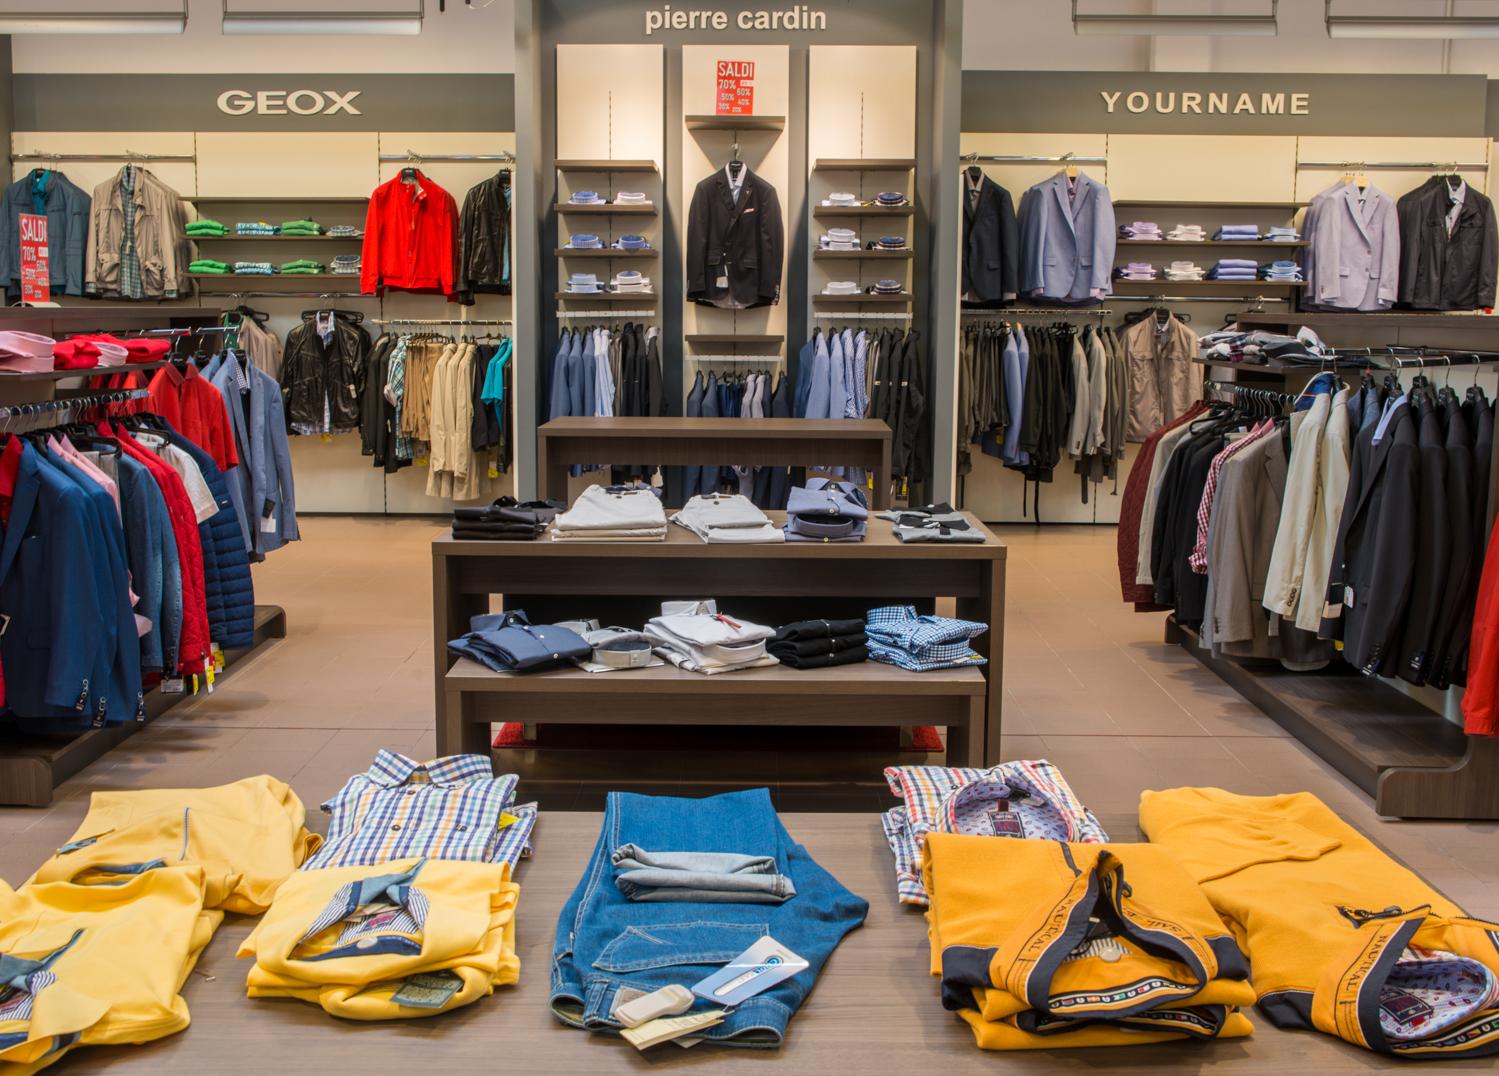 f6467a88bcc9c Firma Nico Polska znana jest z modnej i wysokiej jakości odzieży oraz obuwia,  których producentami są najlepsze europejskie firmy oraz projektanci -  przede ...